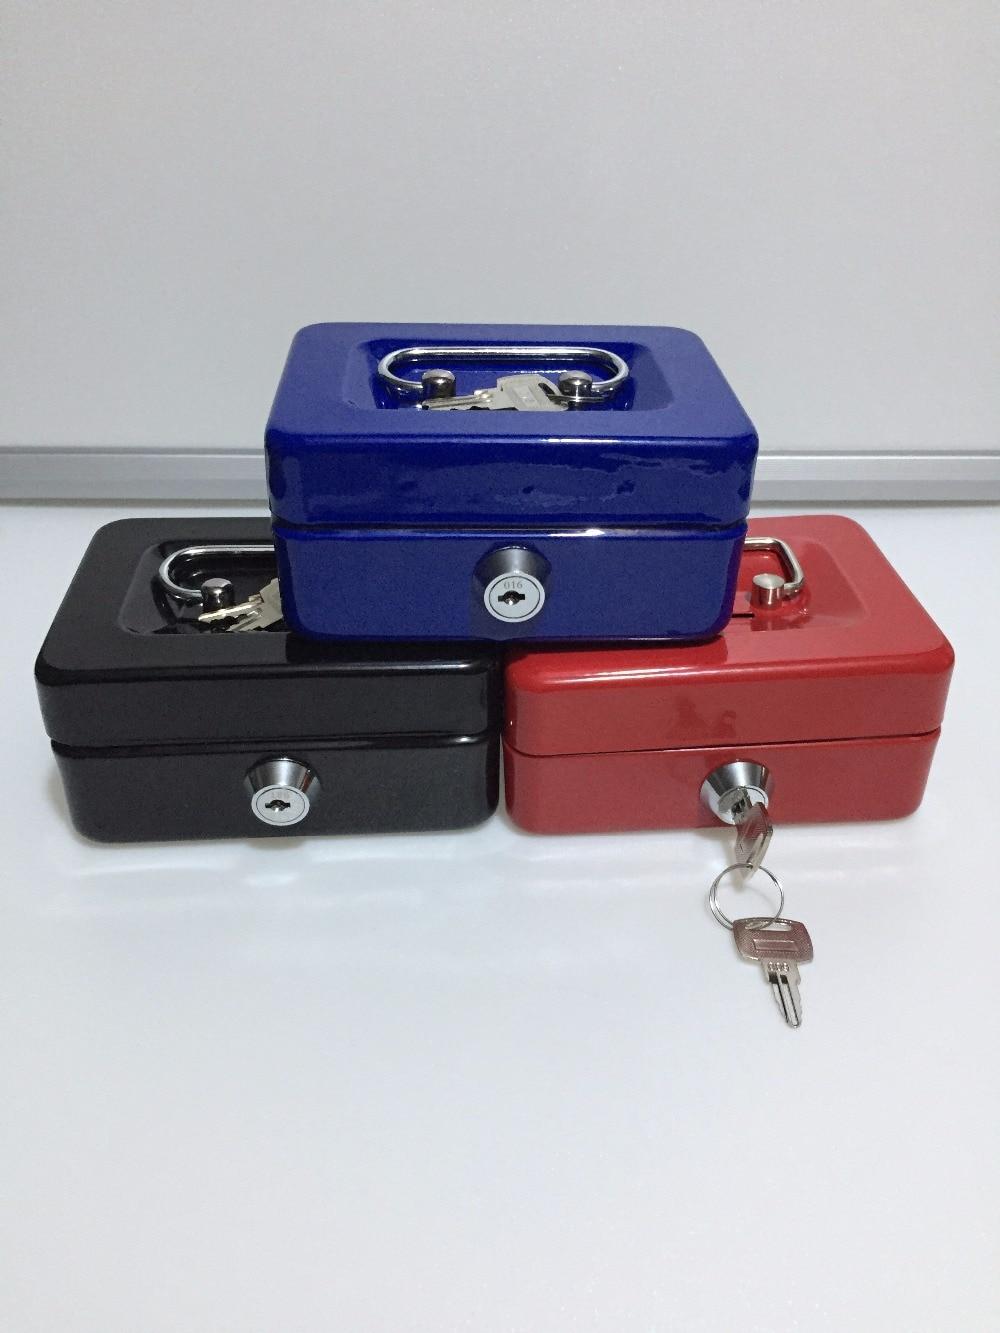 12.5cm*9.5cm*6cm Mini Small Steel Safe Key Open Box Store Content Boxes Paper Piggy Bank Card Document Safes